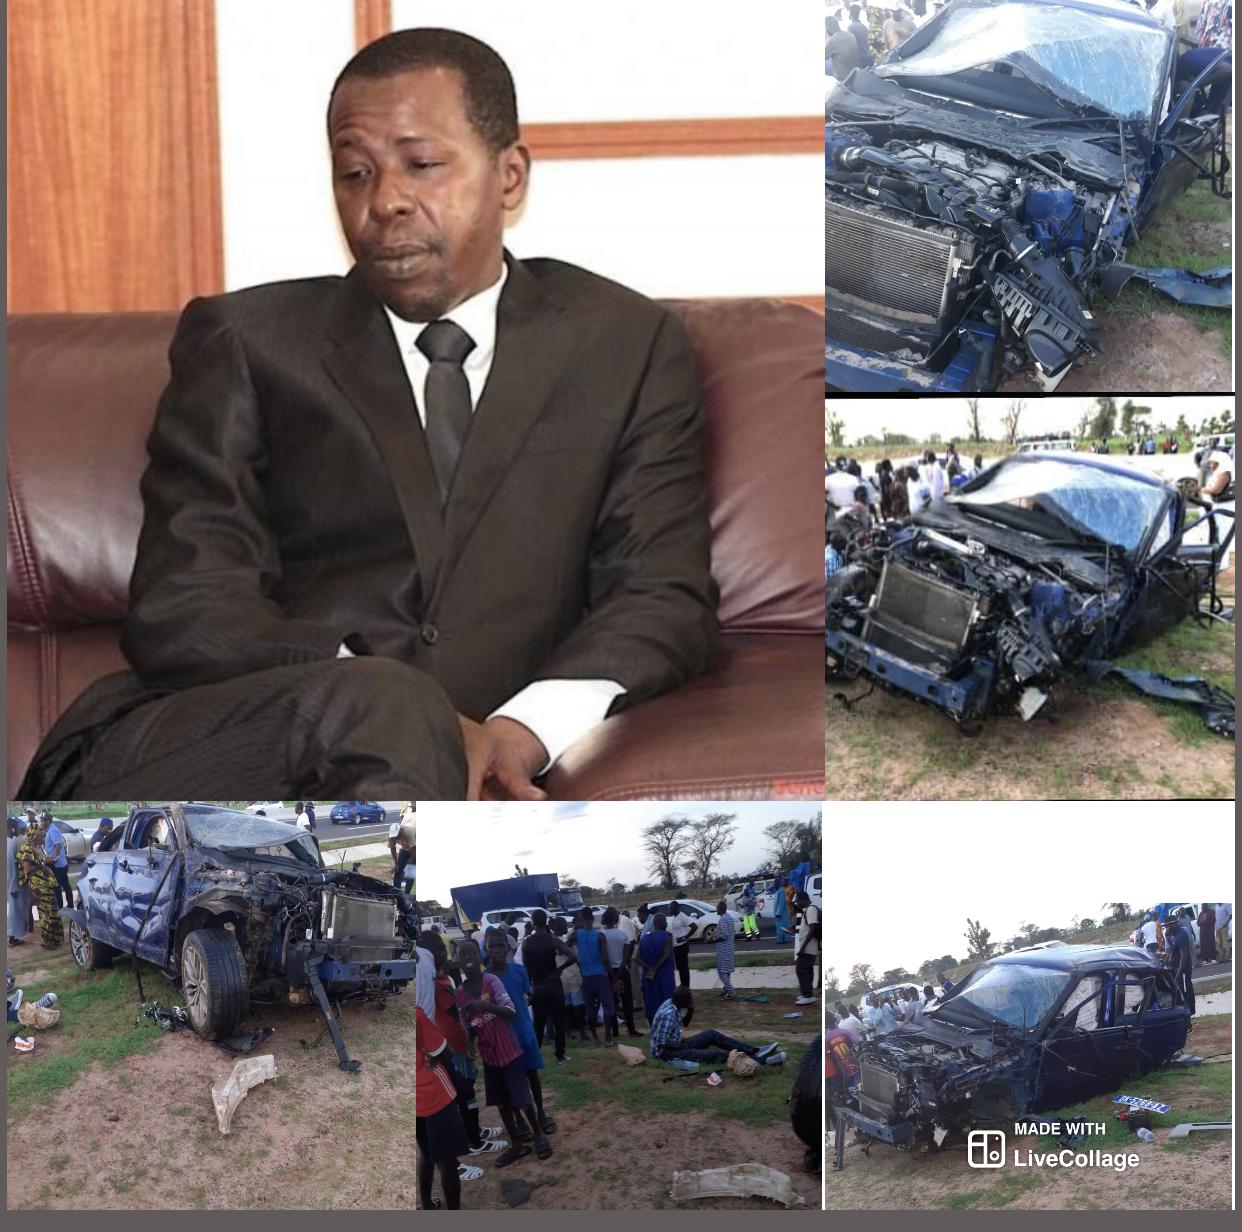 FAWZEÏNI À TOUBA / Cheikh Amar s'est réveillé avec une fracture... L'un des pneus était mal monté... Le rôle primordial de Cheikh Bass... L'homme d'affaires évacué vers Dakar aux environs de 21h43 minutes